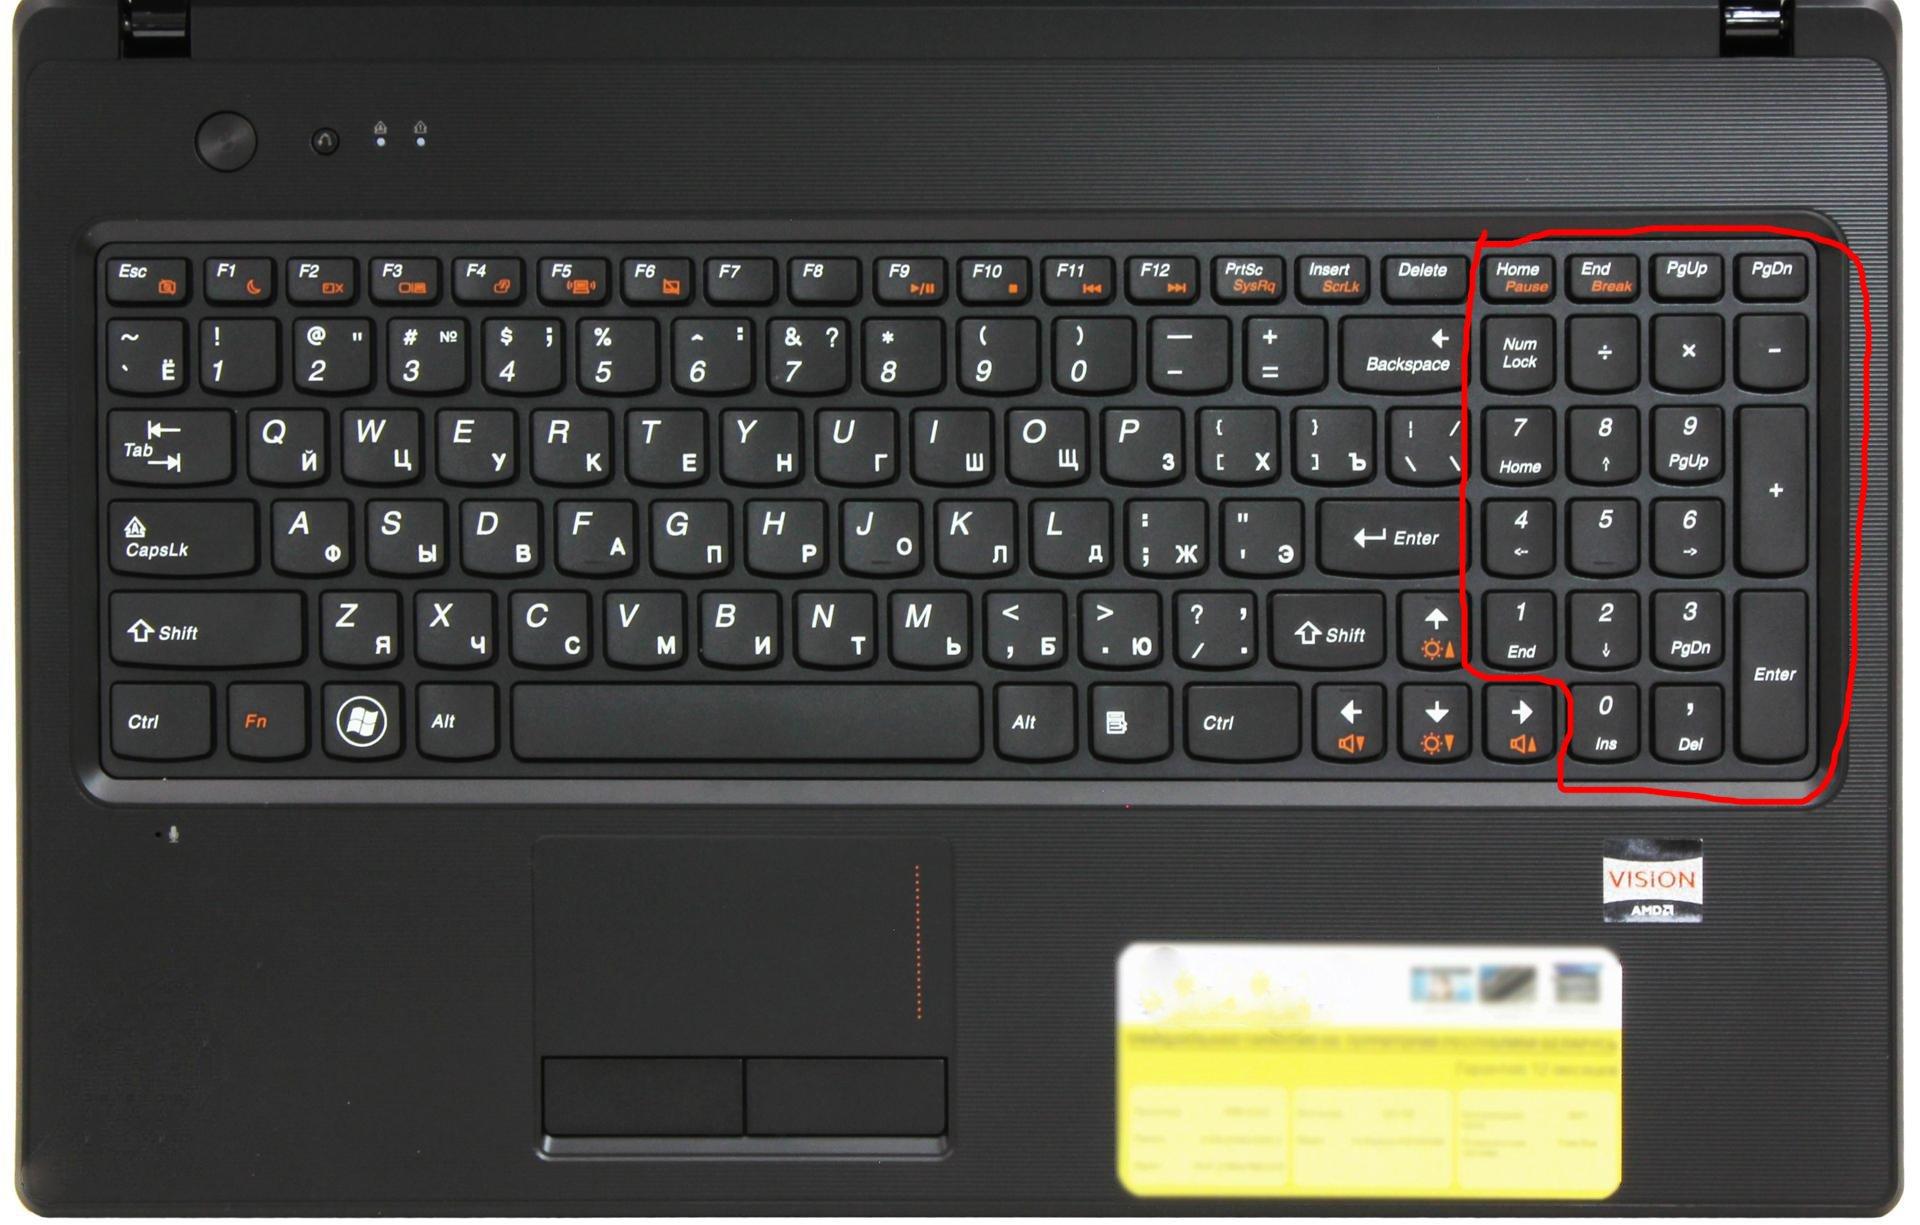 Как сделать чтобы в ноутбуке цифры 78